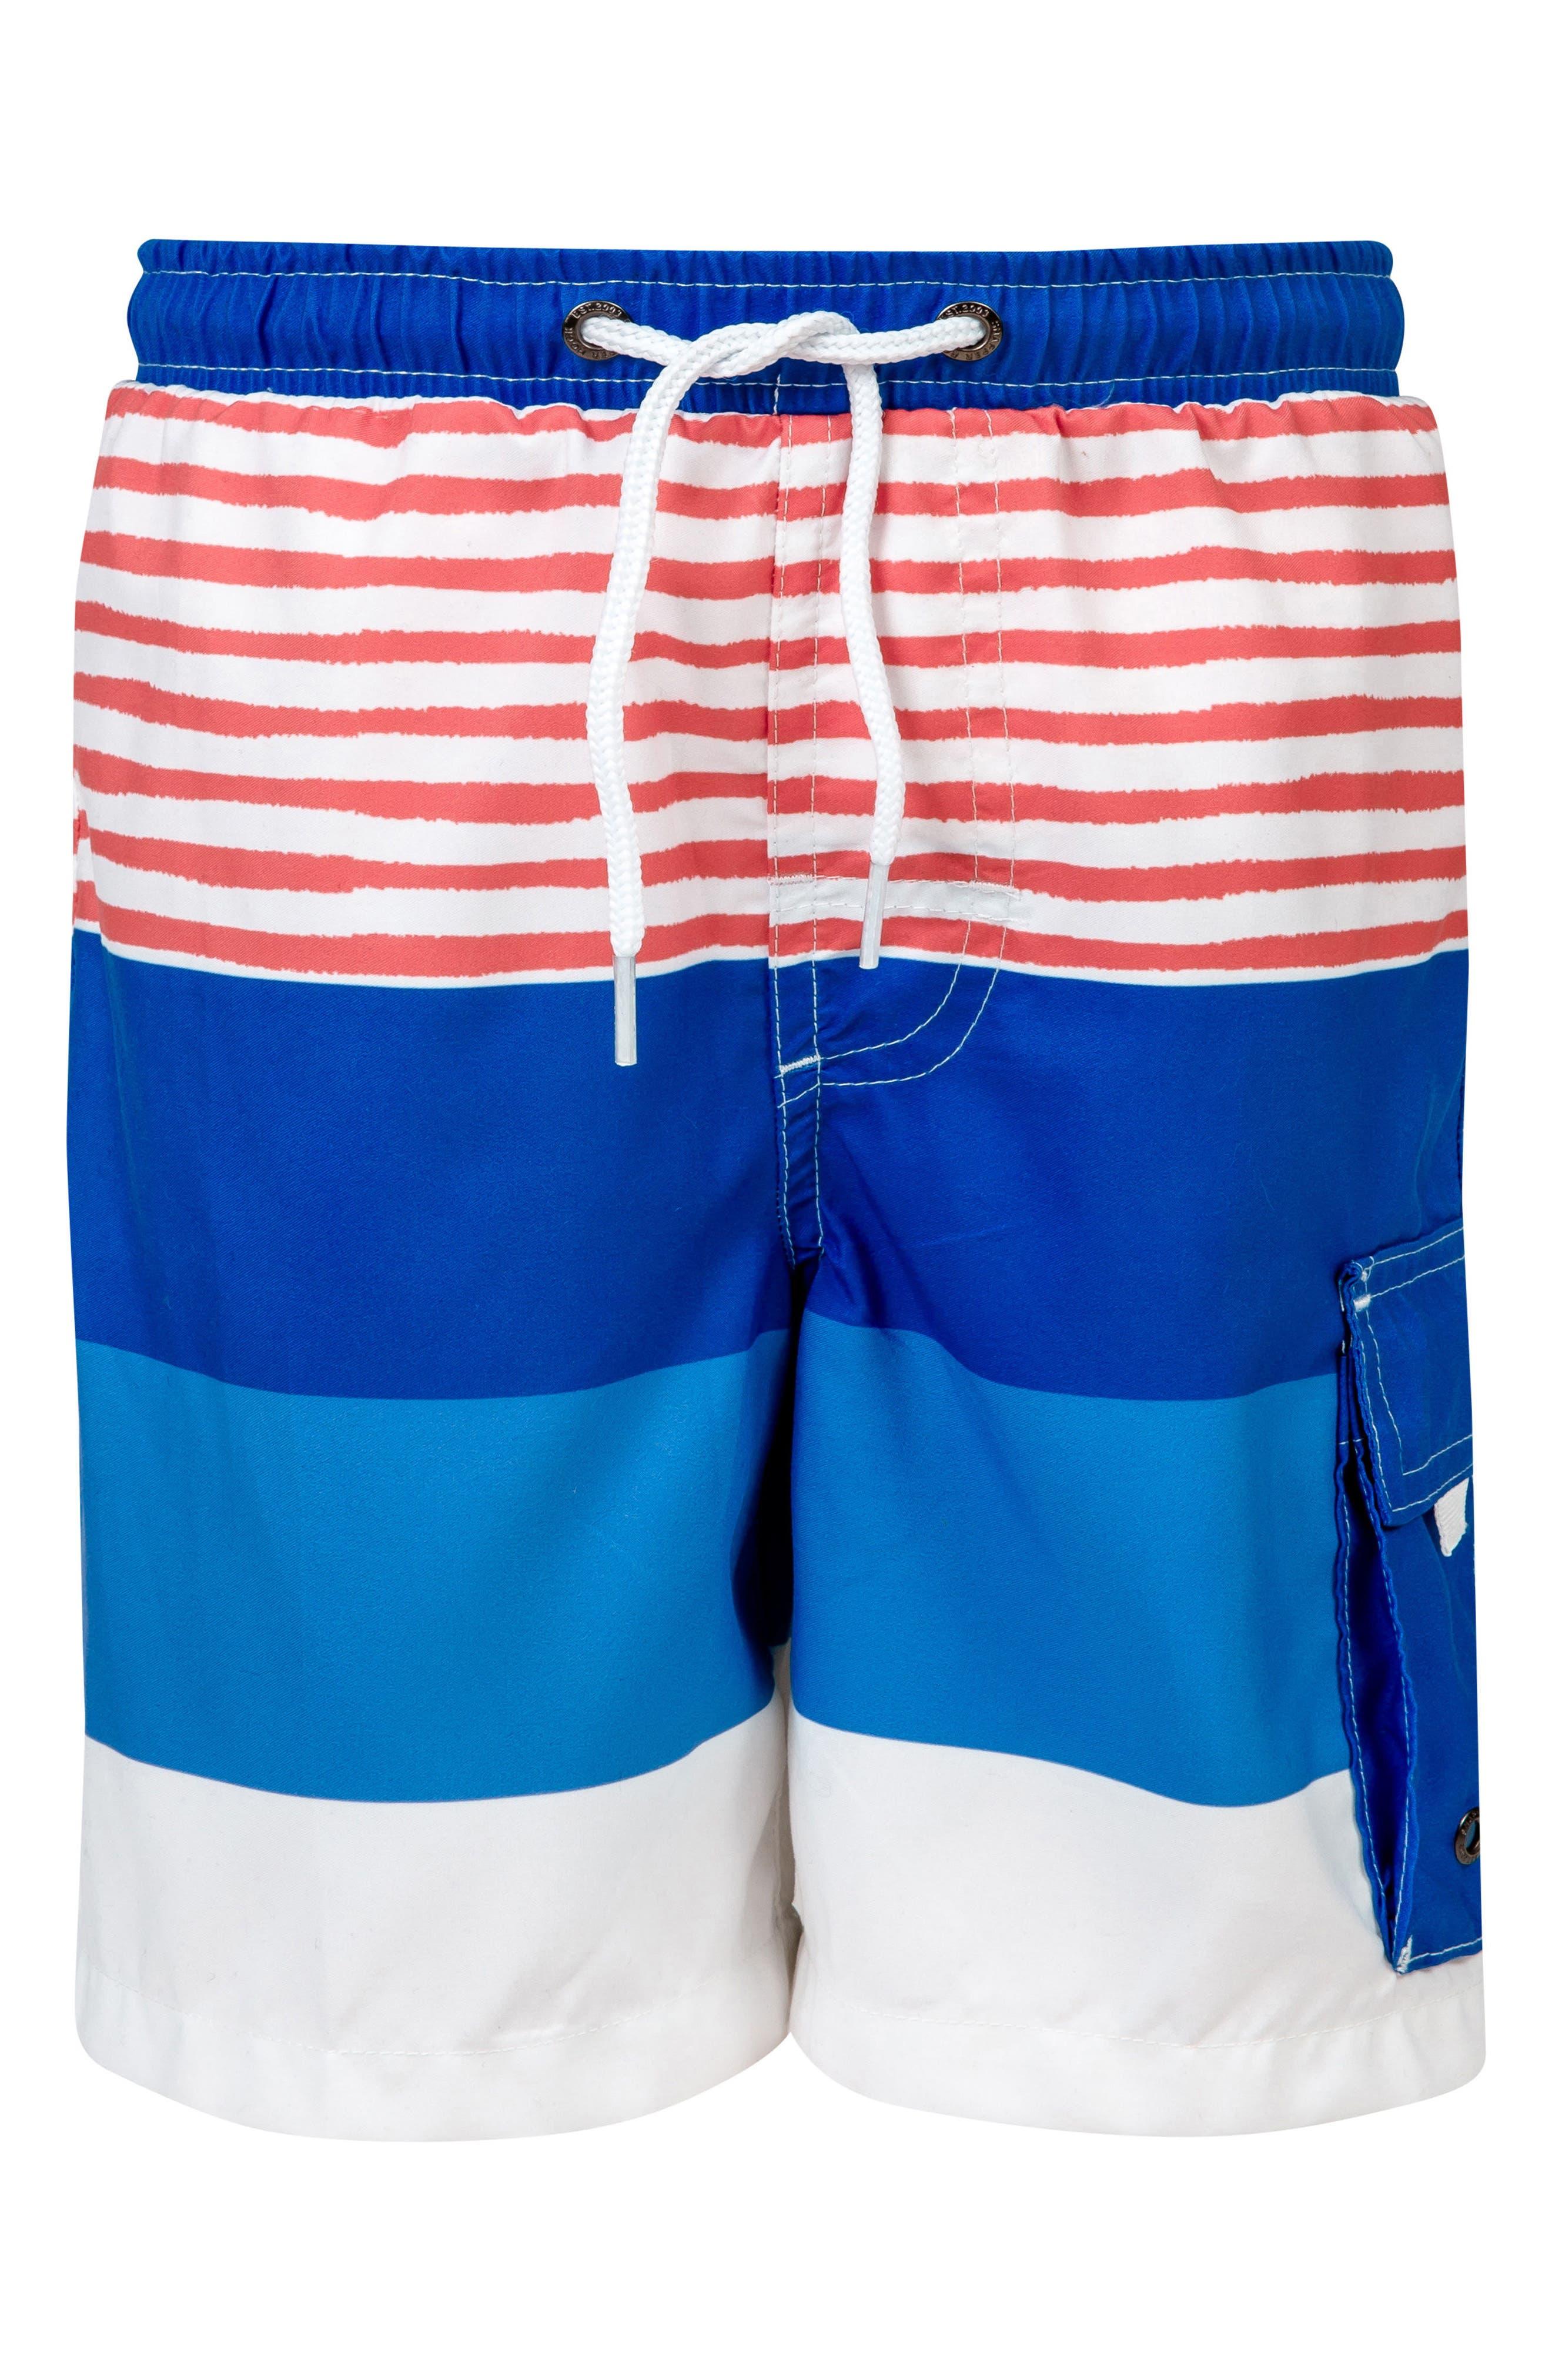 Sail Stripe Board Shorts,                             Main thumbnail 1, color,                             Royal/ Red/ White